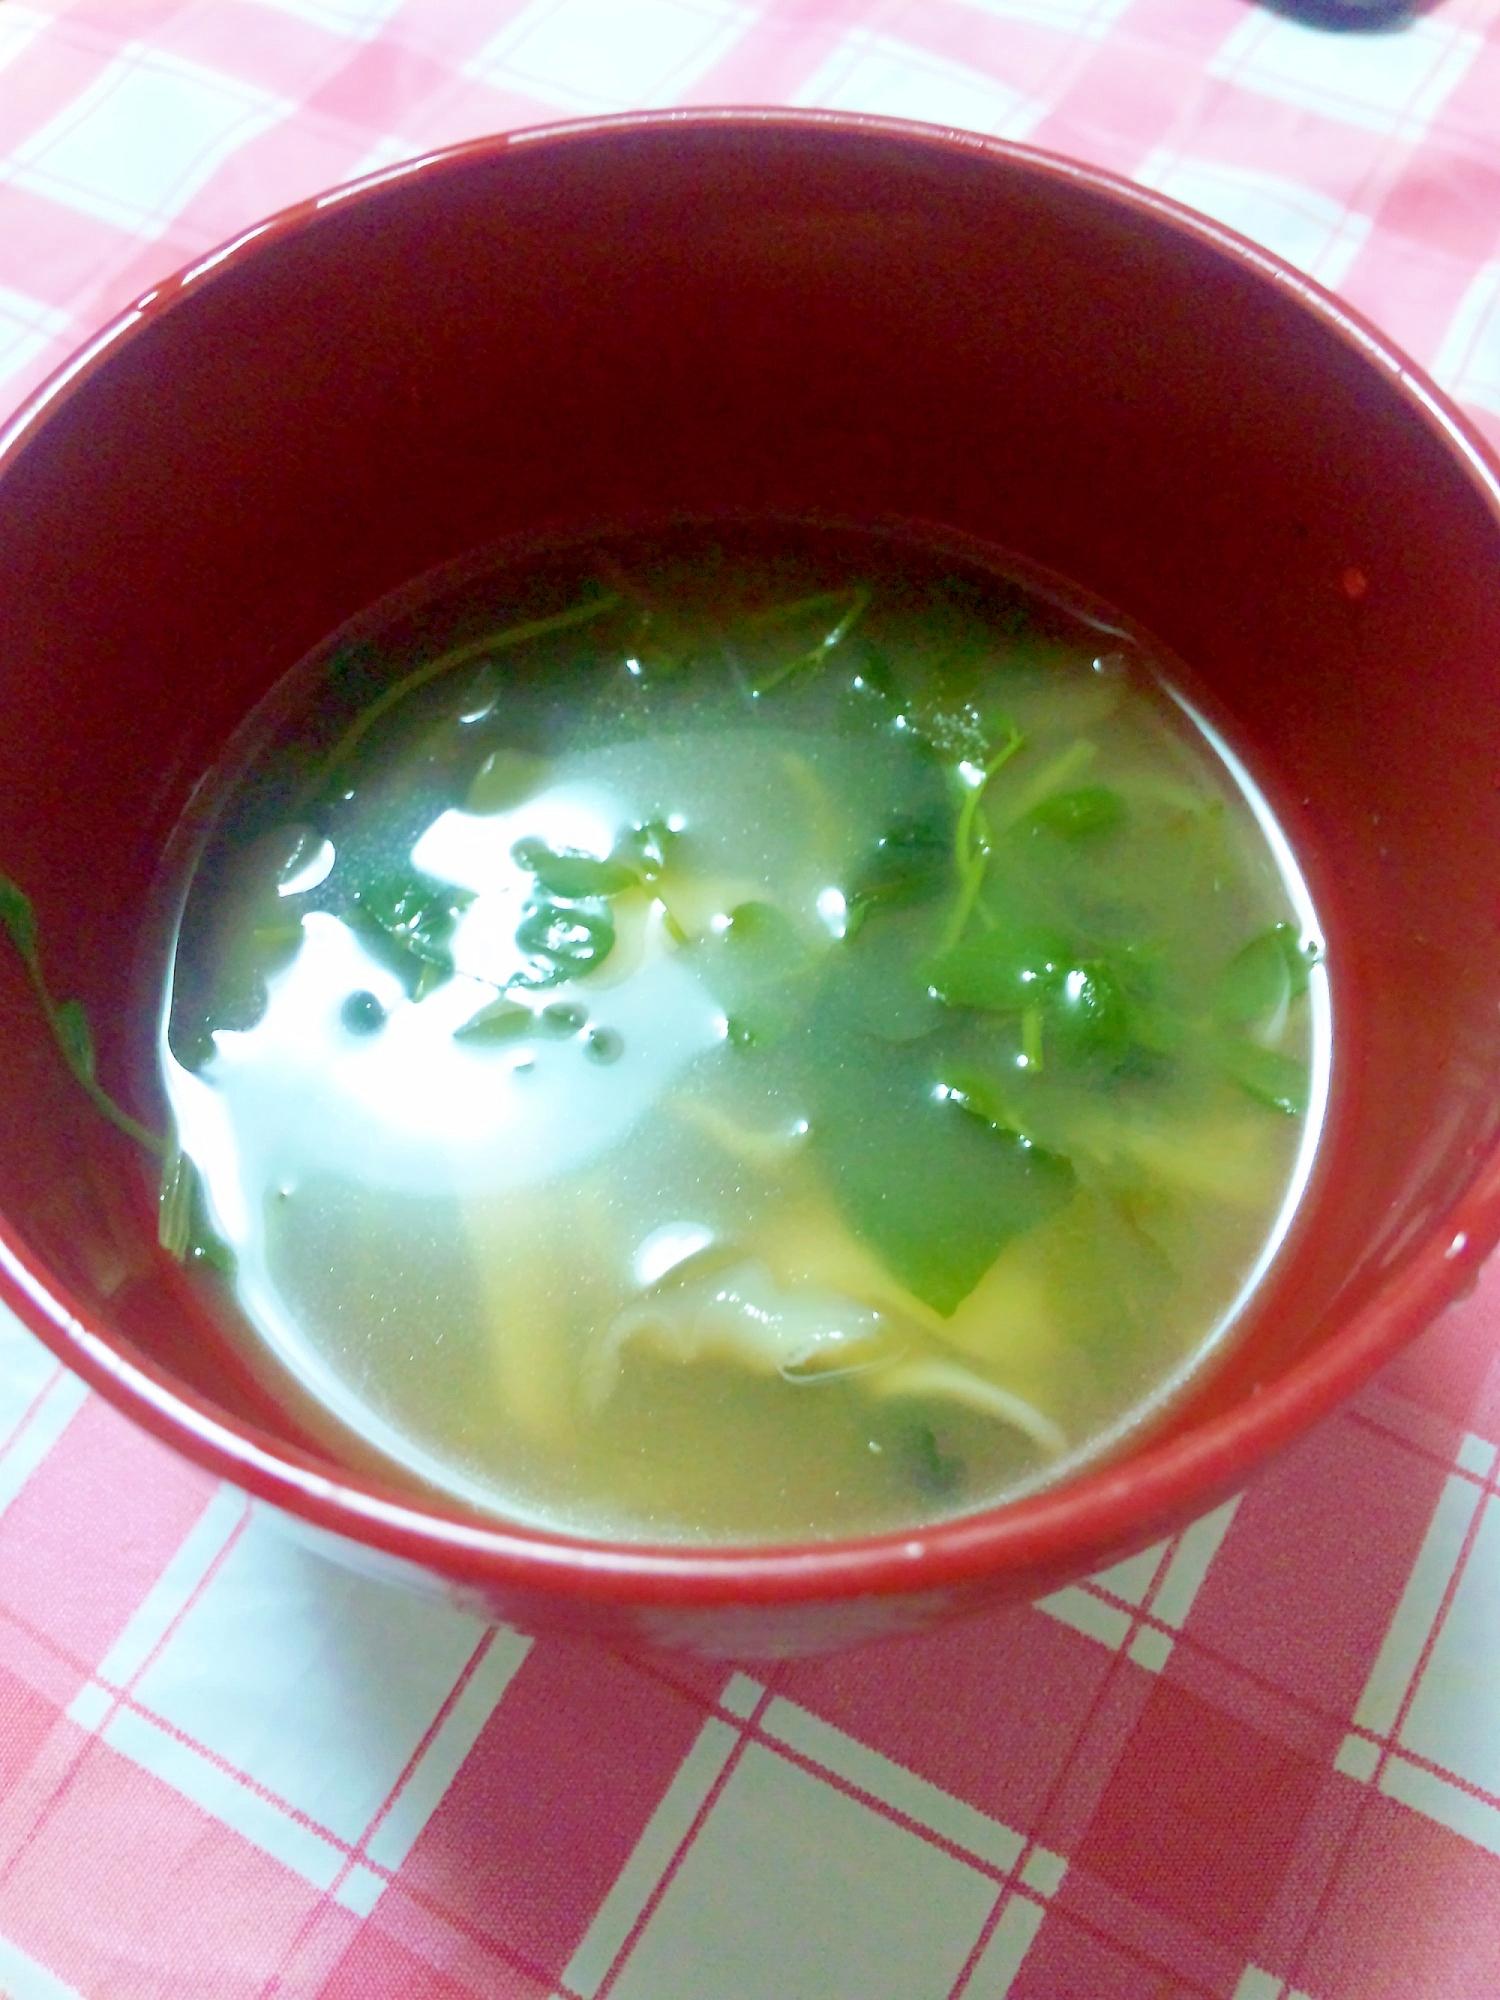 ヘルシー☆豆苗&豆腐&まいたけのみそ汁